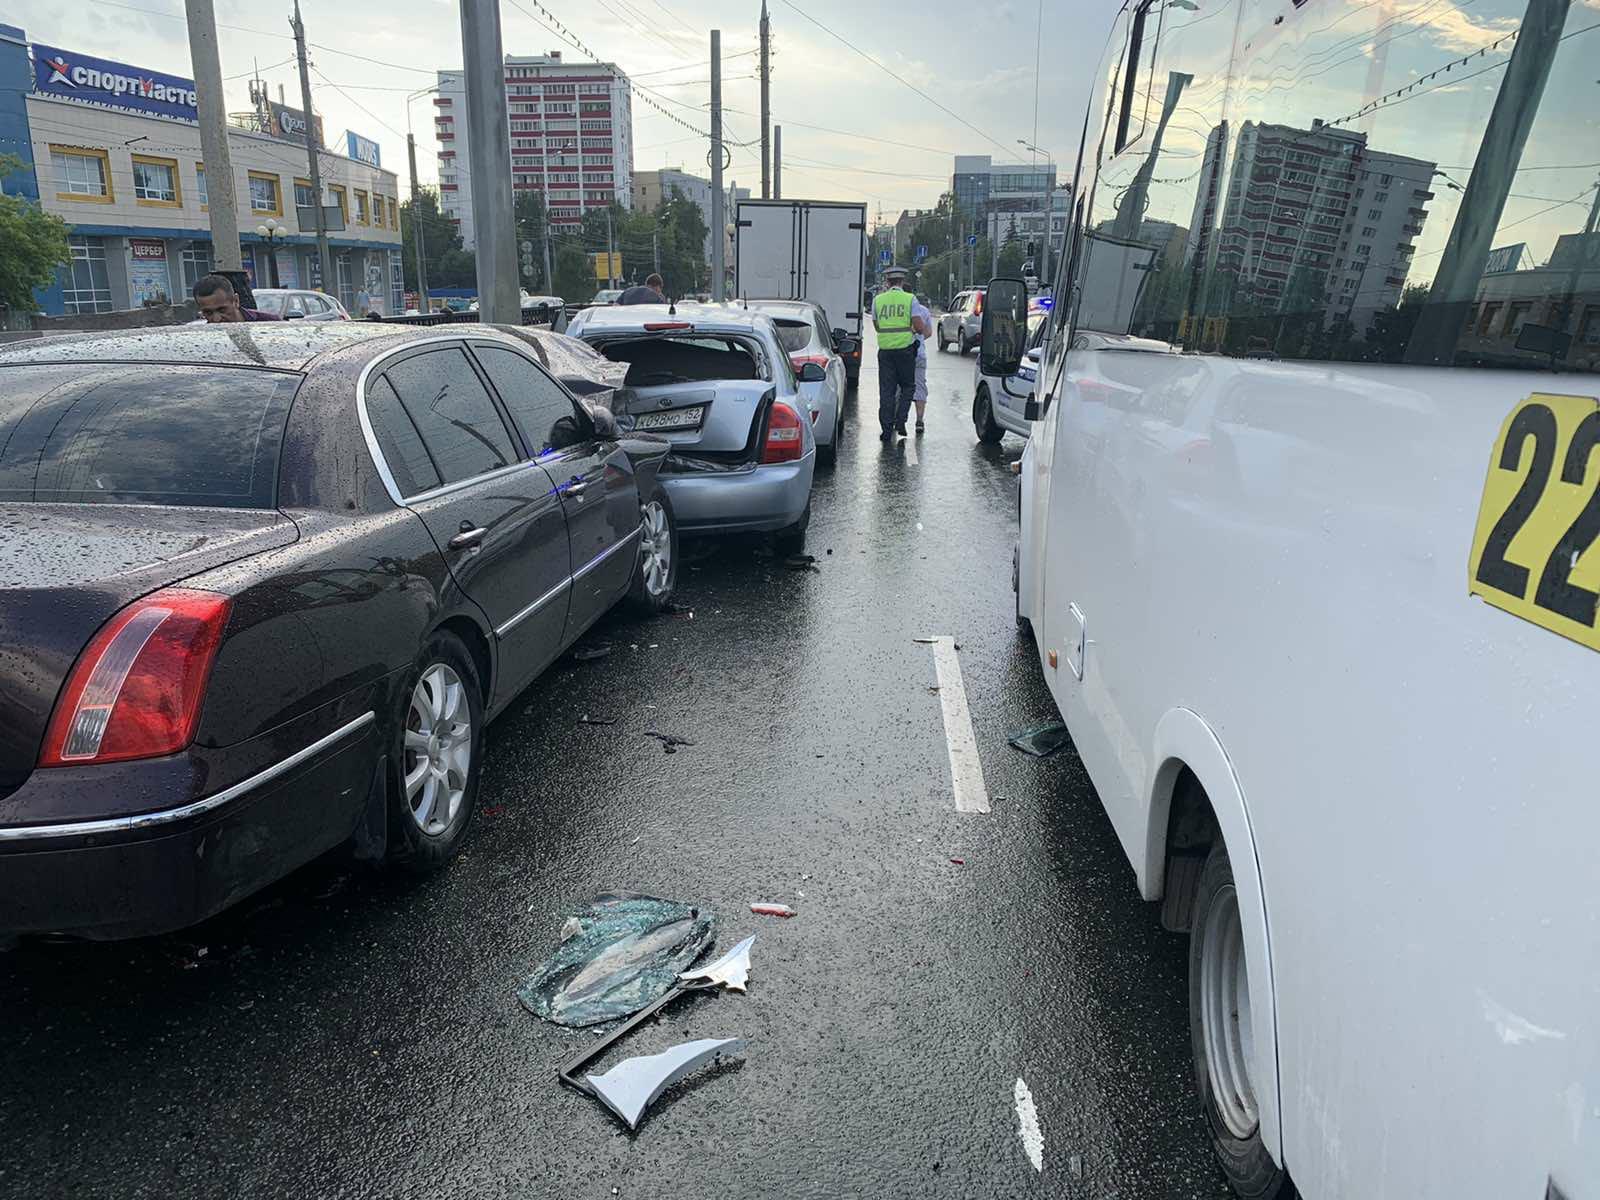 Несоблюдение дистанции стало причиной столкновения девяти автомобилей в Йошкар-Оле